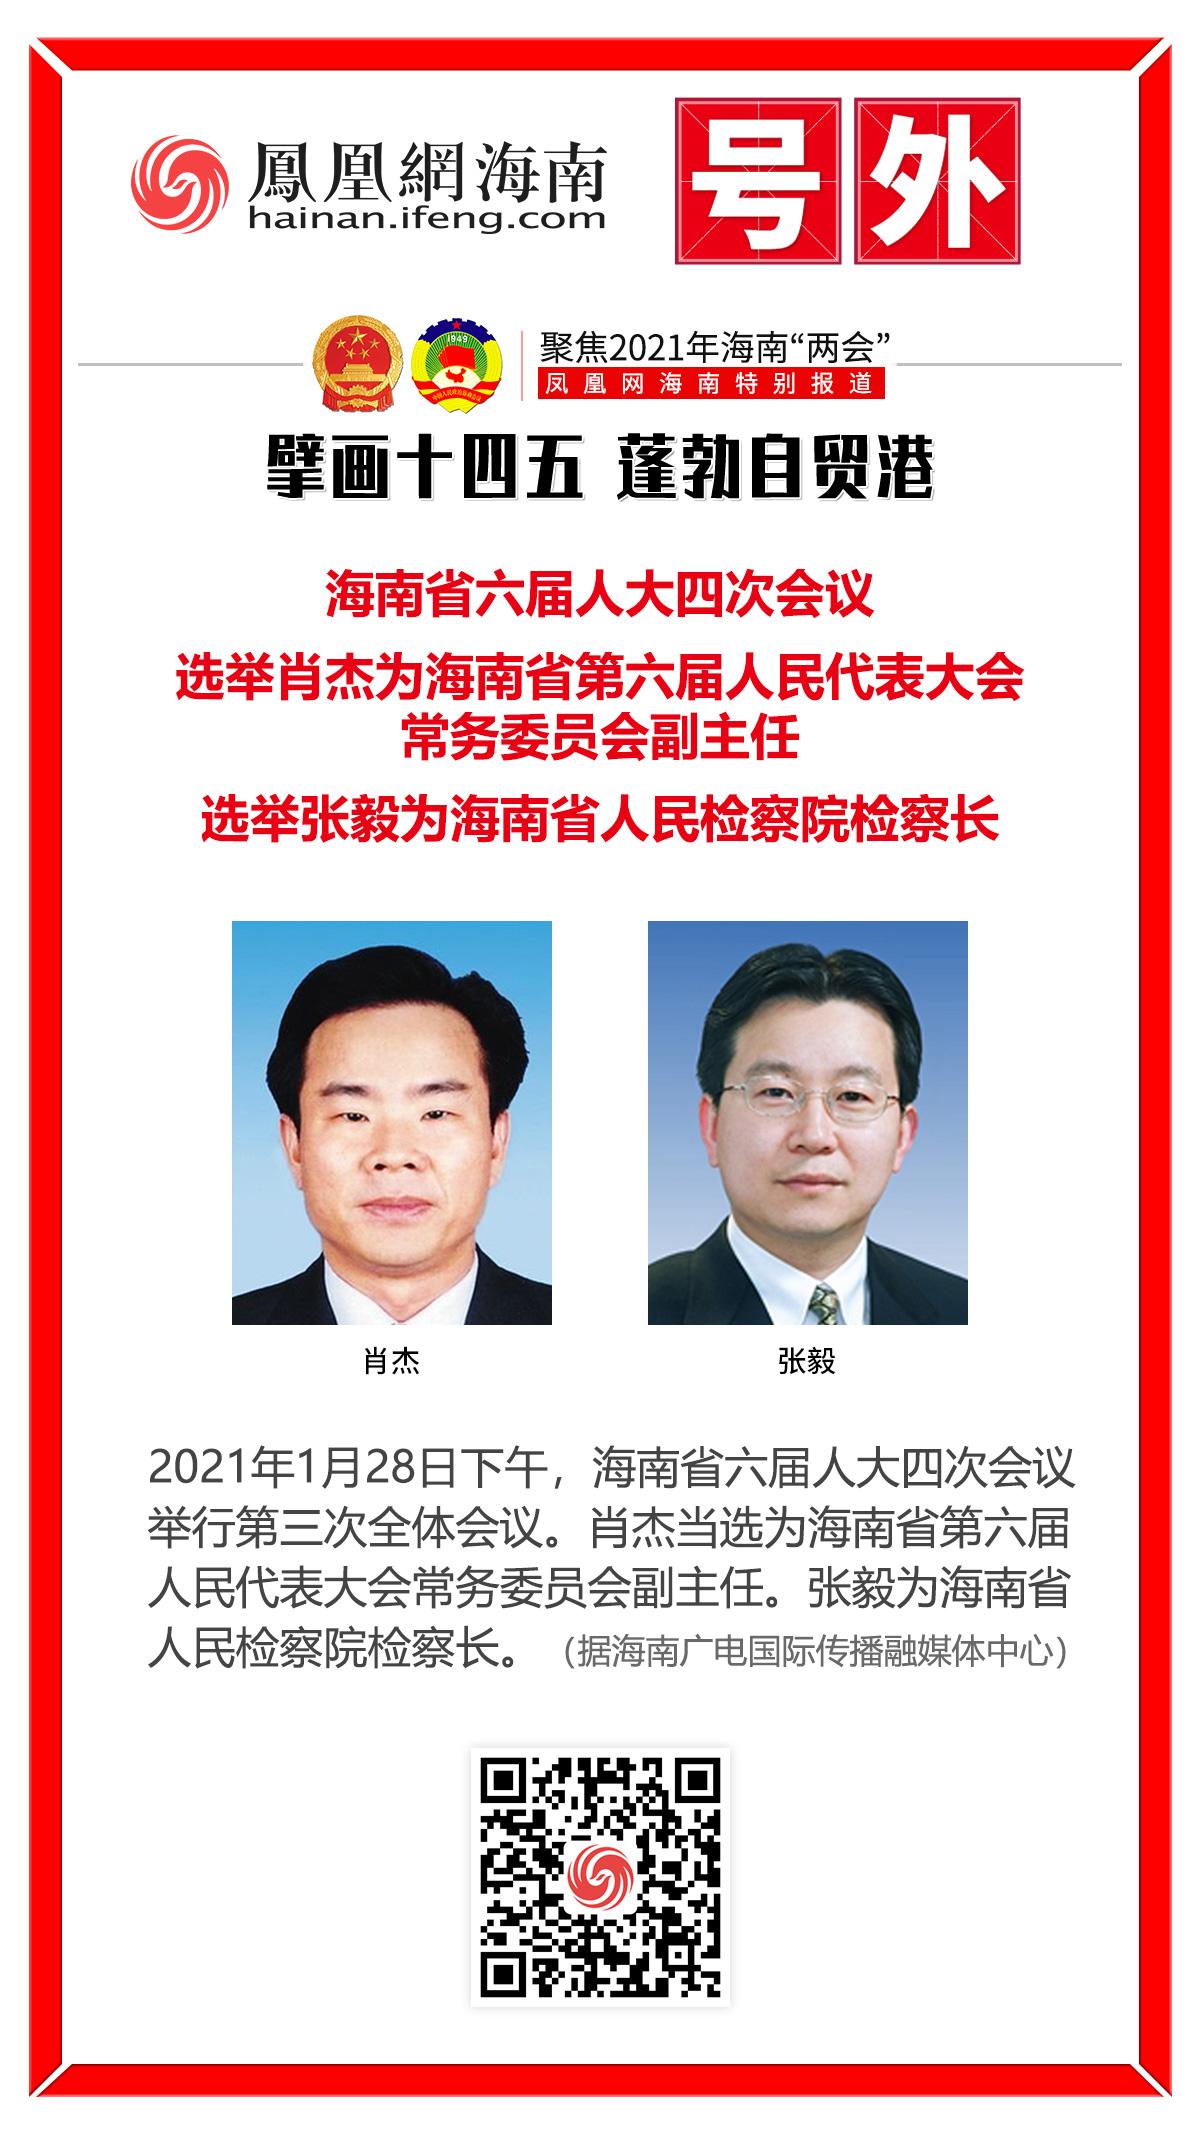 肖杰当选海南省第六届人民代表大会常务委员会副主任 张毅当选为海南省人民检察院检察长